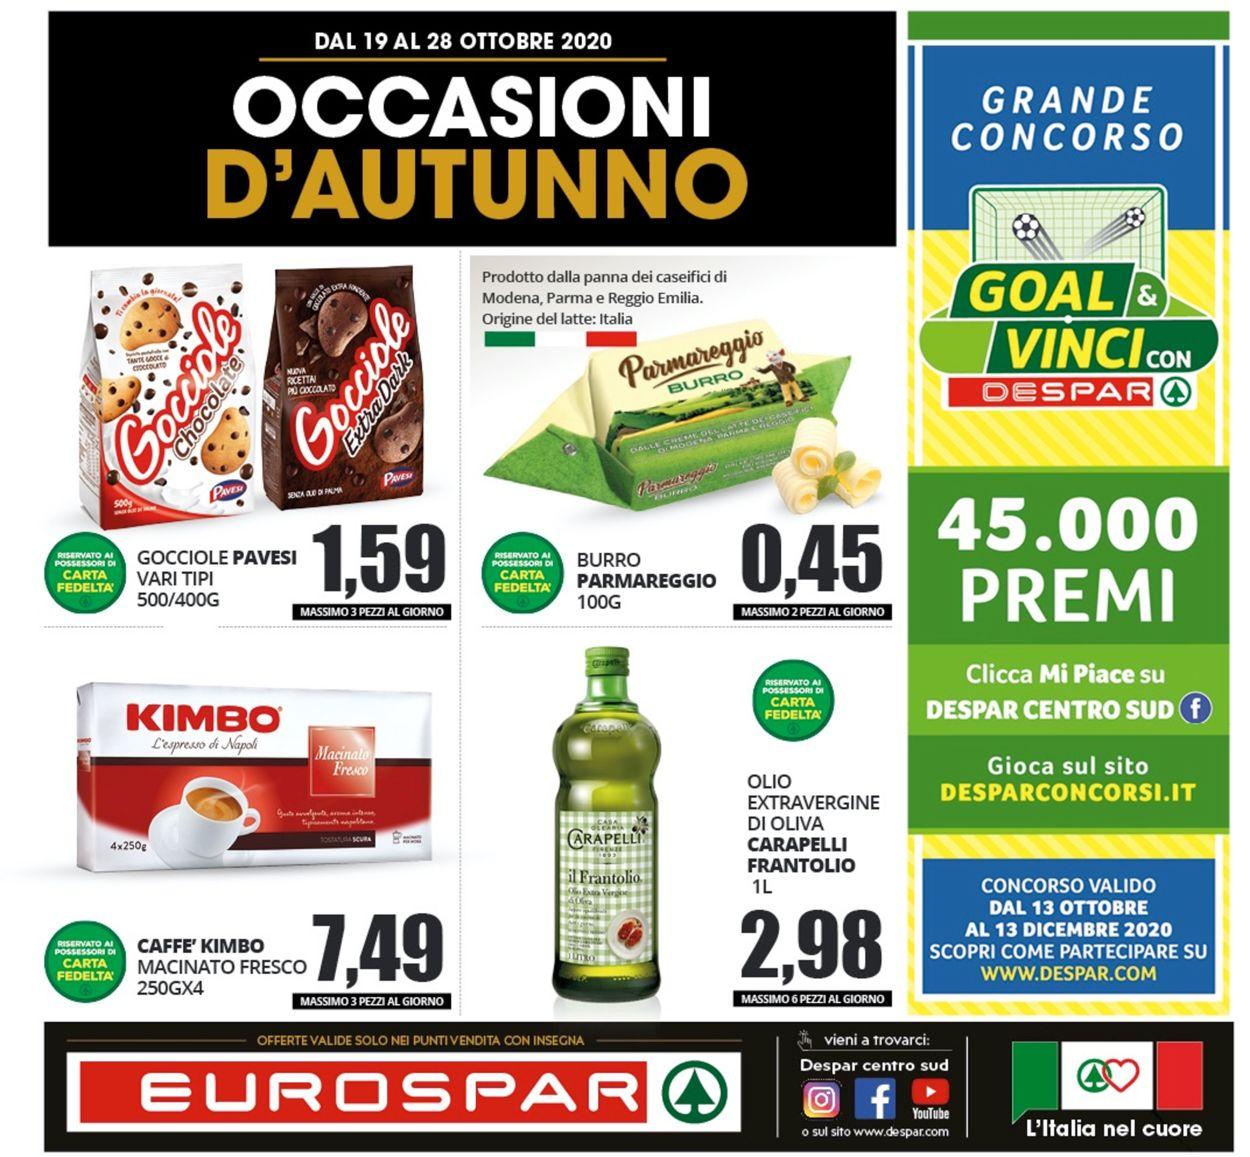 Volantino Eurospar - Offerte 19/10-28/10/2020